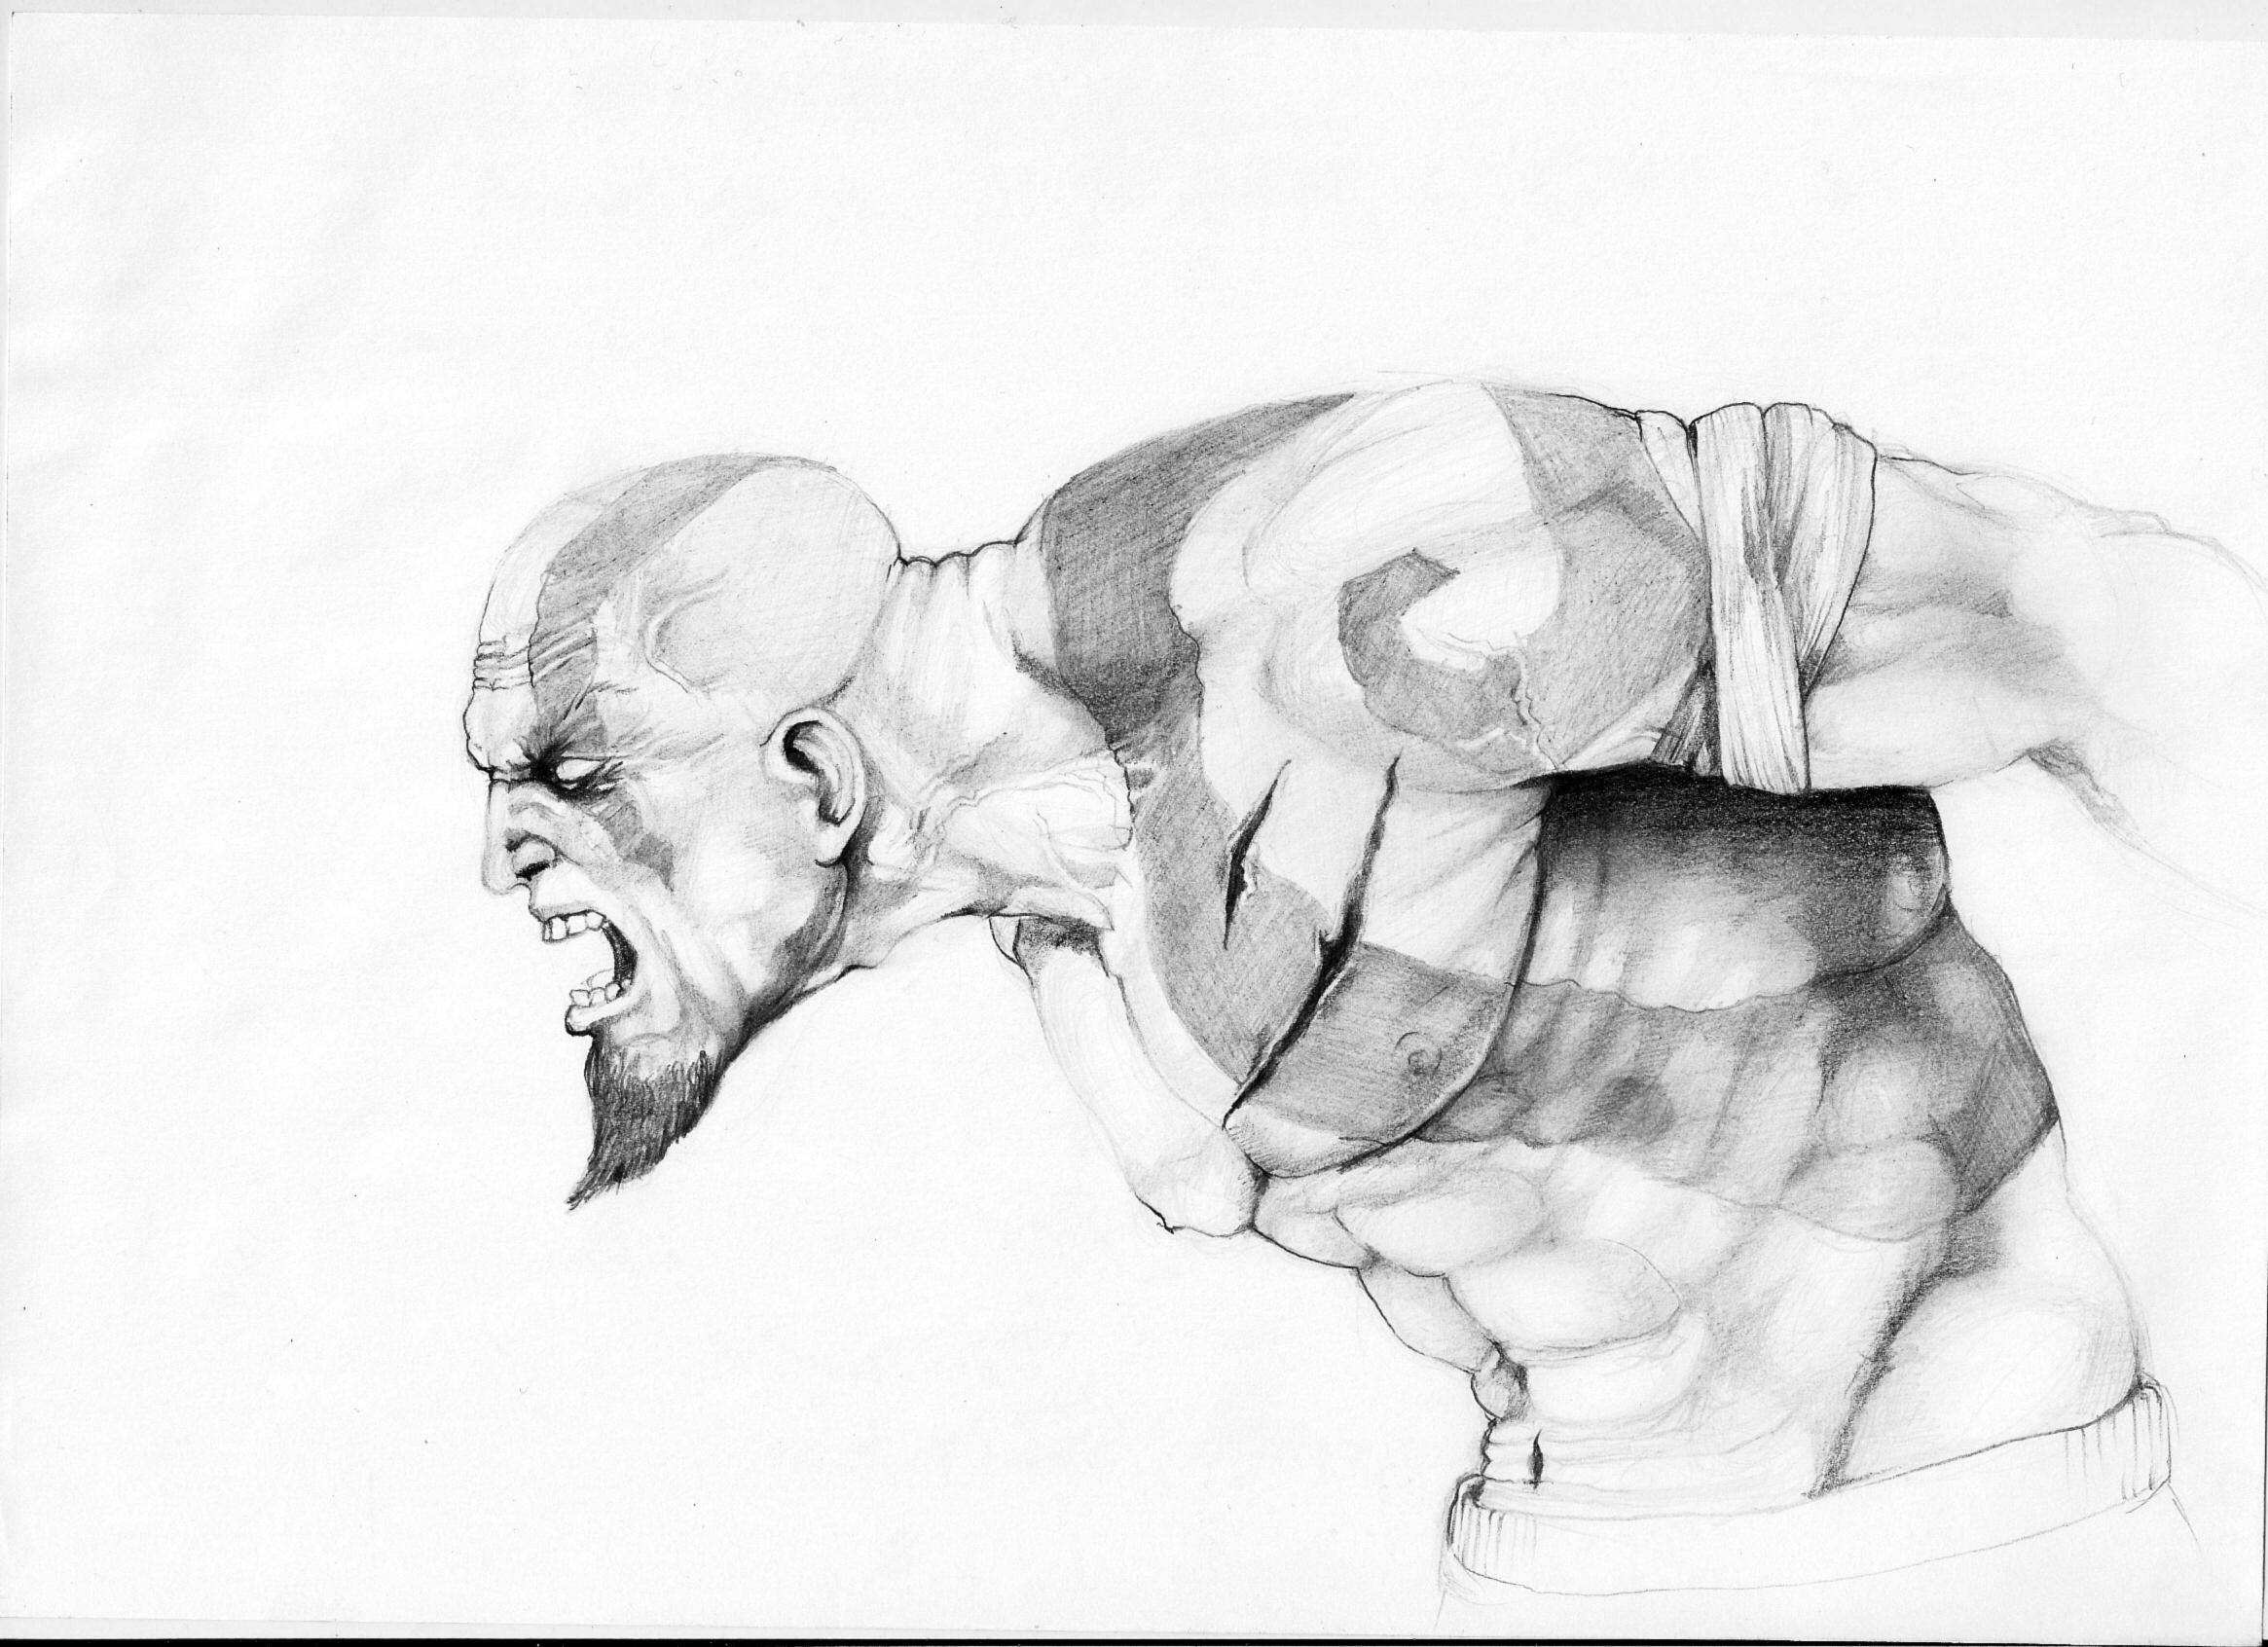 kratos_by_er7n.jpg